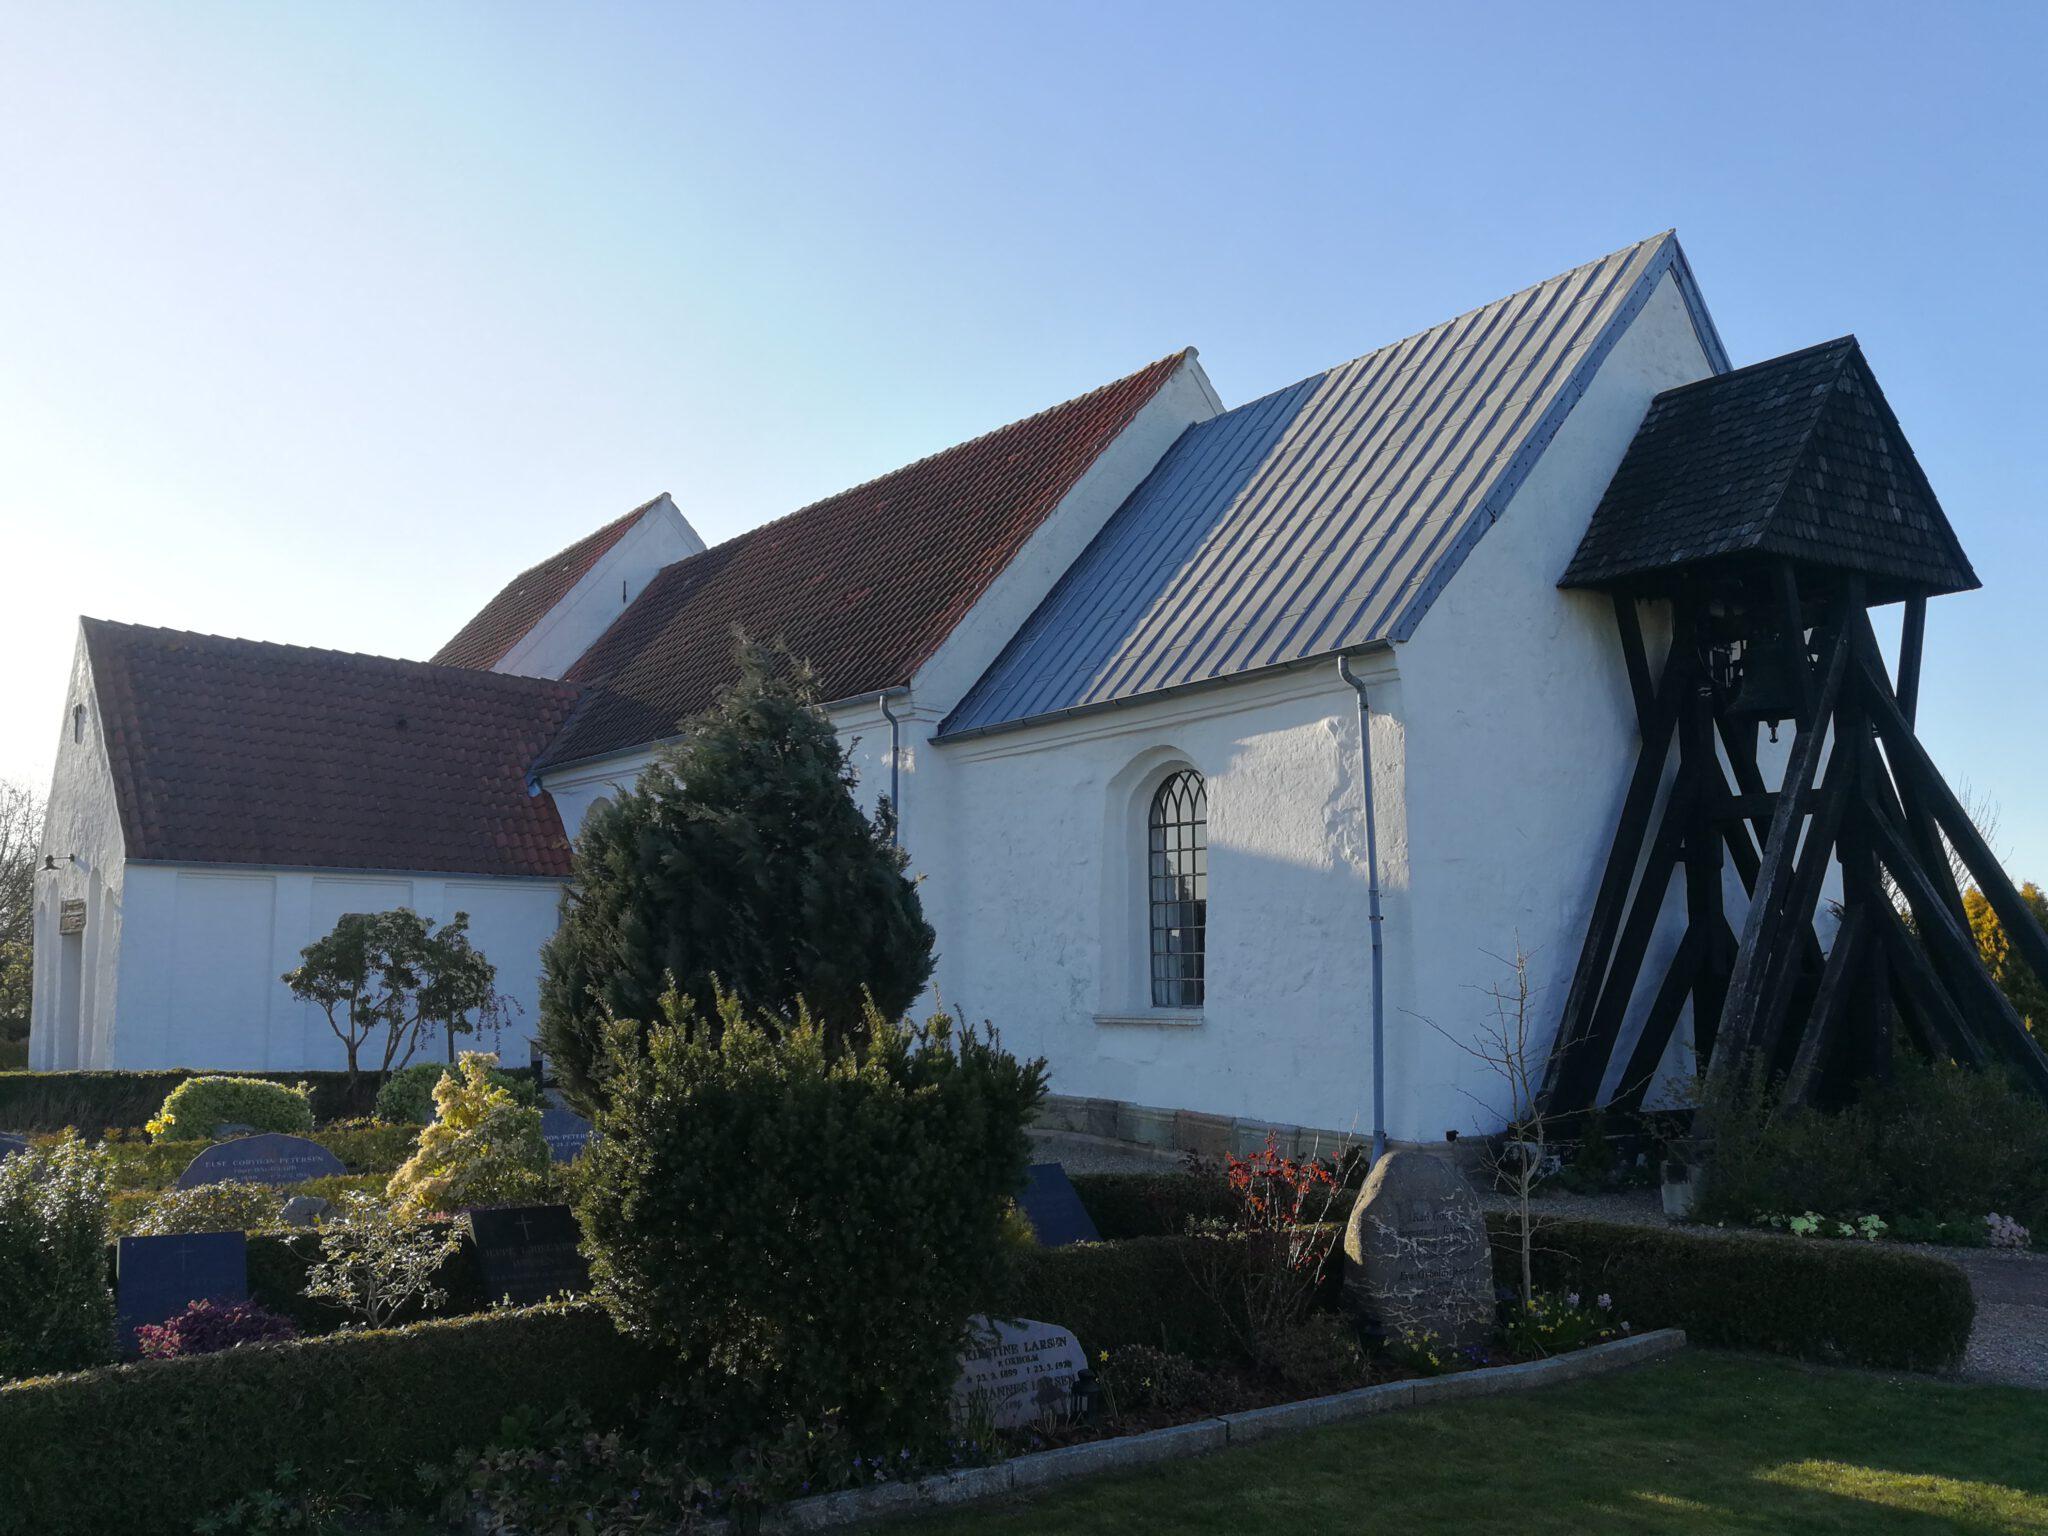 Sdr Vilstrup kirke